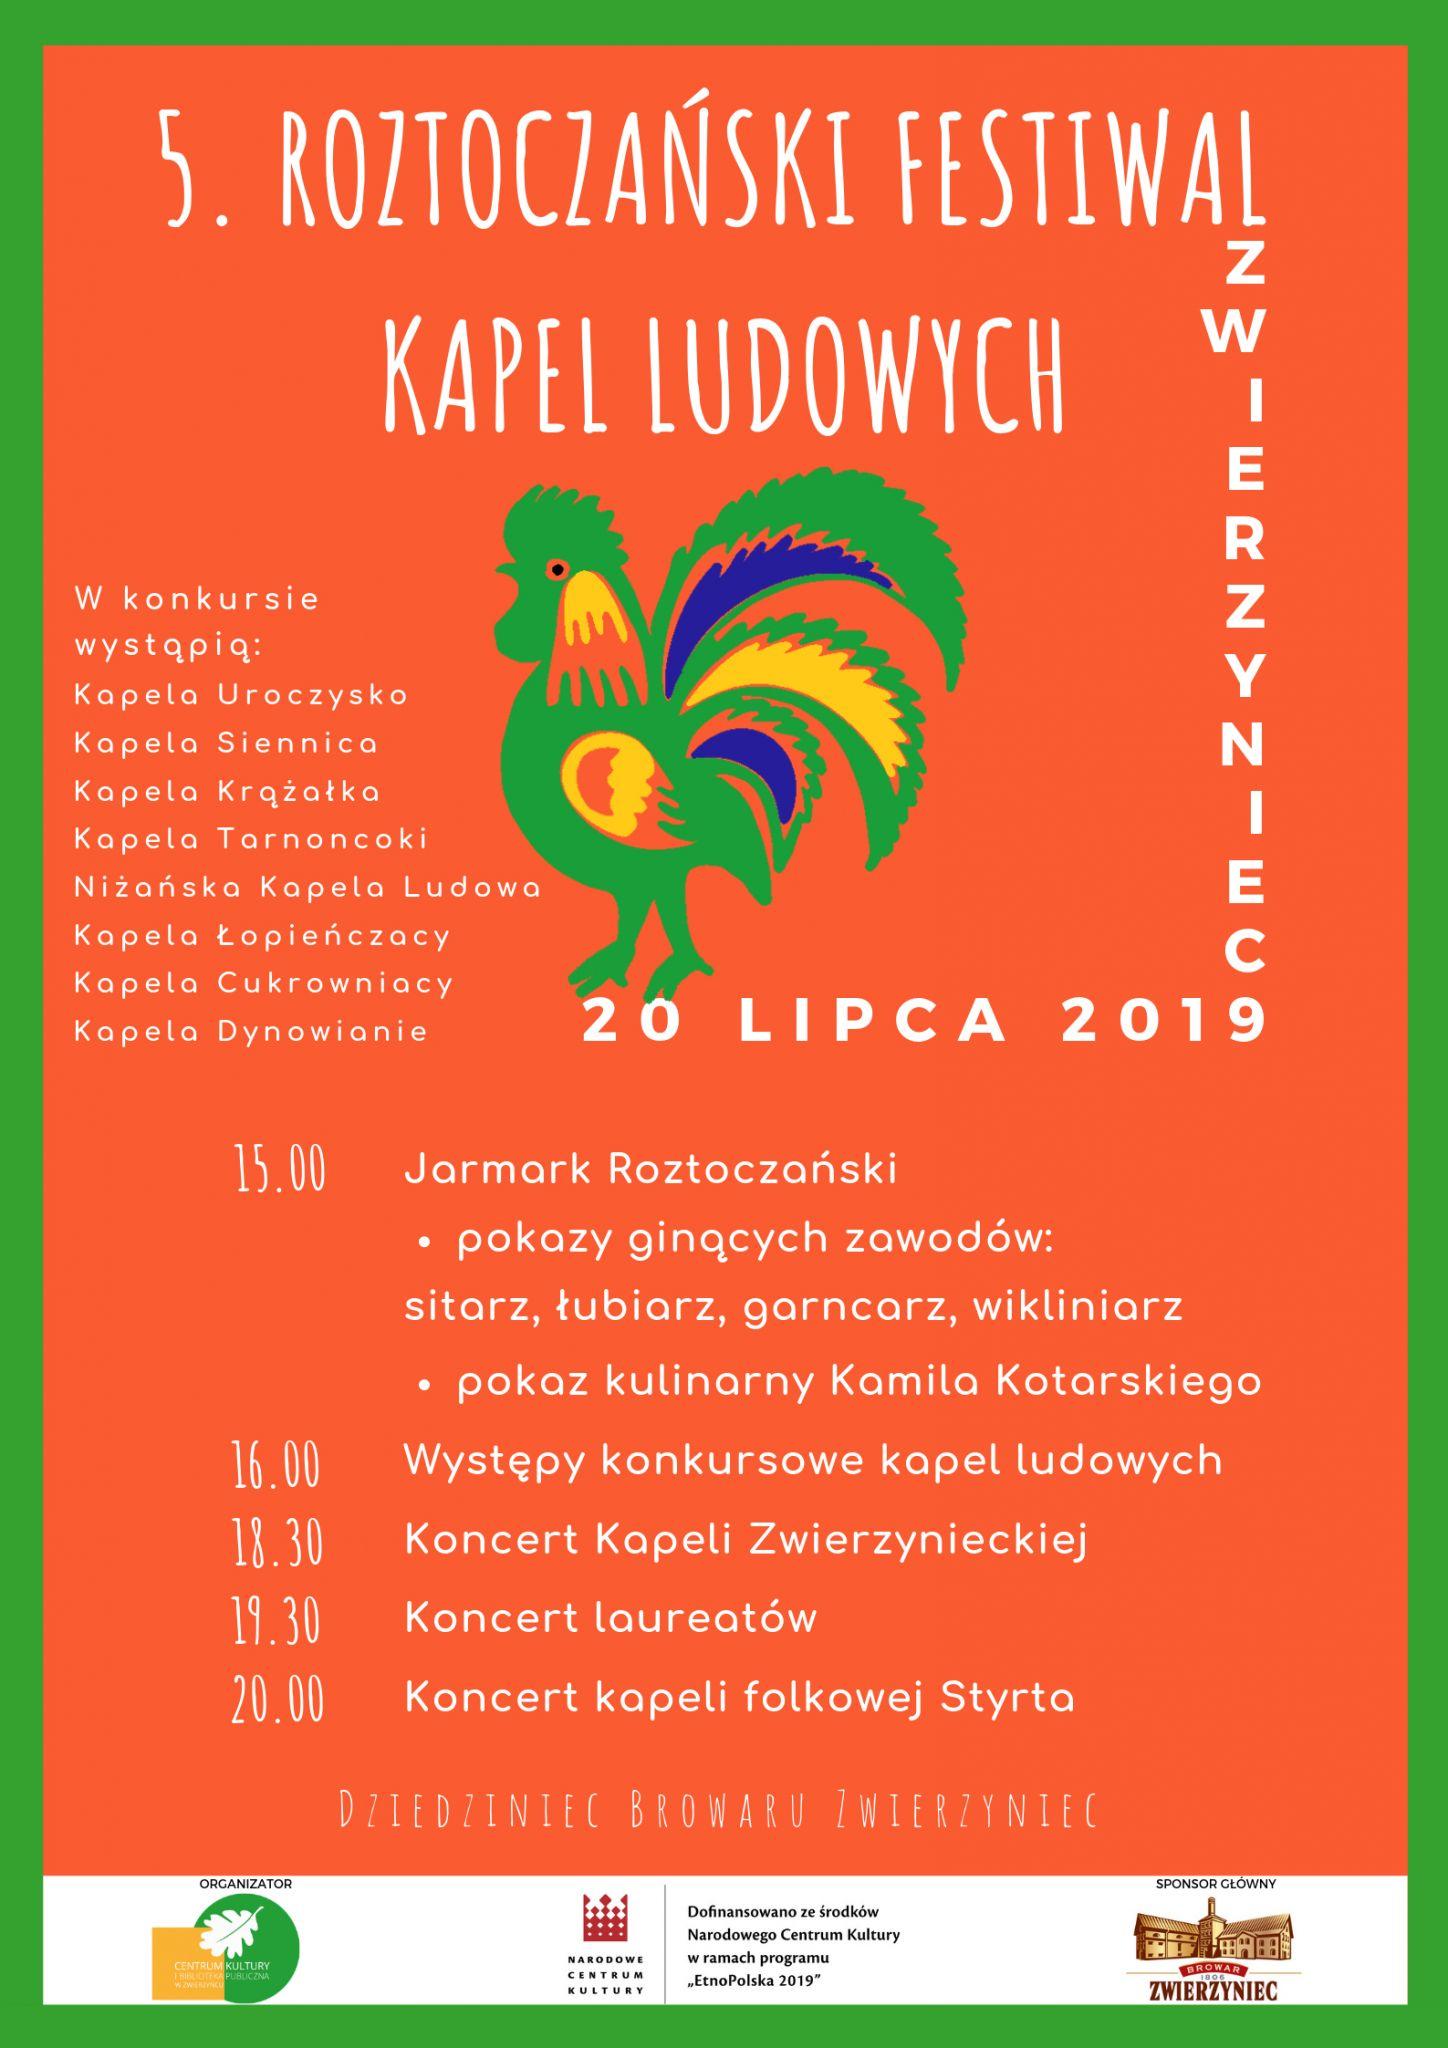 festiwal kapel ludowych Roztoczański Festiwal Kapel Ludowych po raz piąty